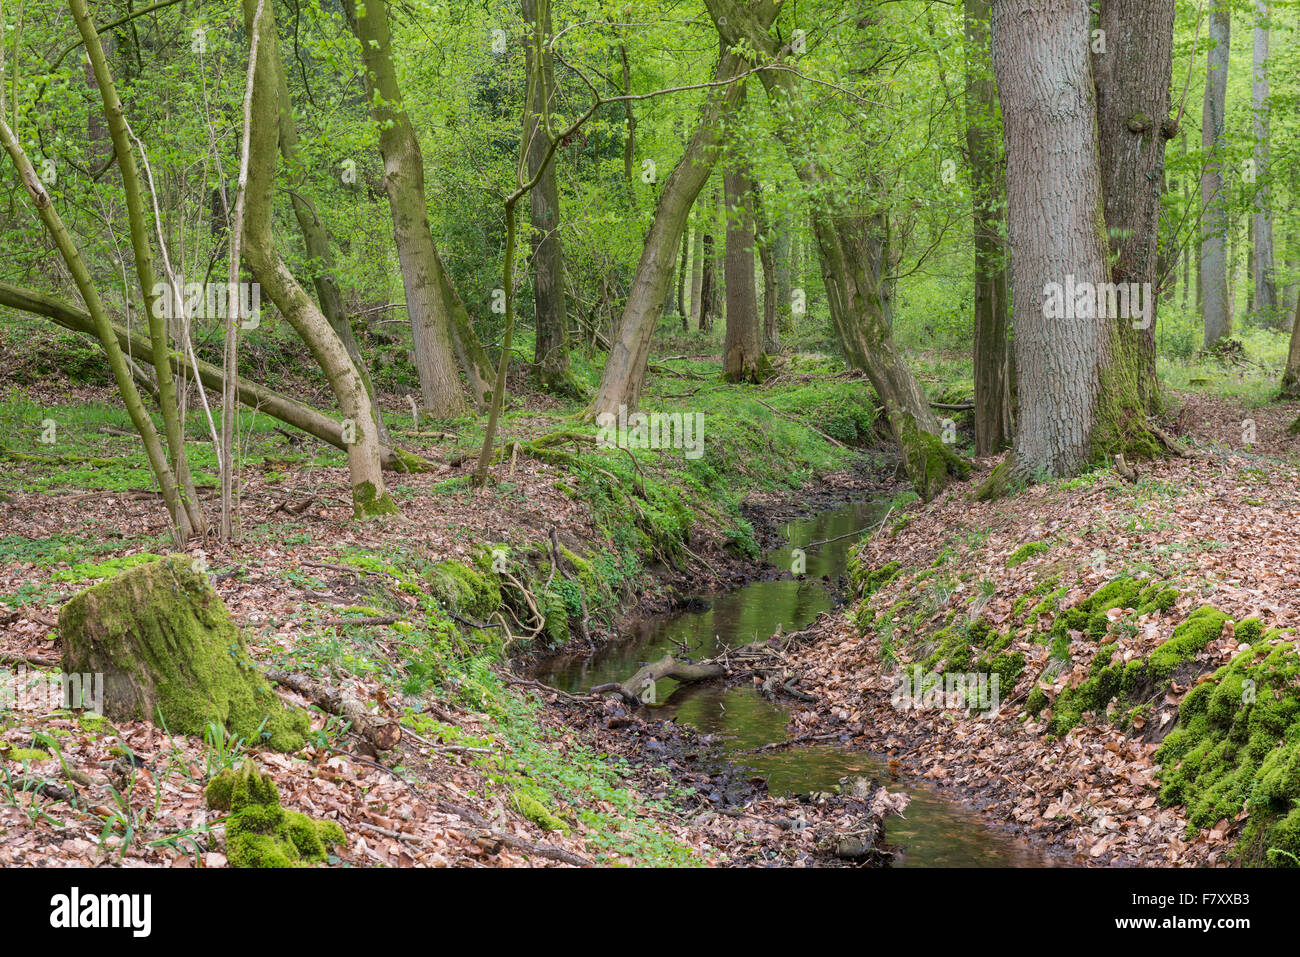 stream at herrenholz, lutten, goldenstedt, vechta district, oldenburger münsterland, lower saxony, germany - Stock Image